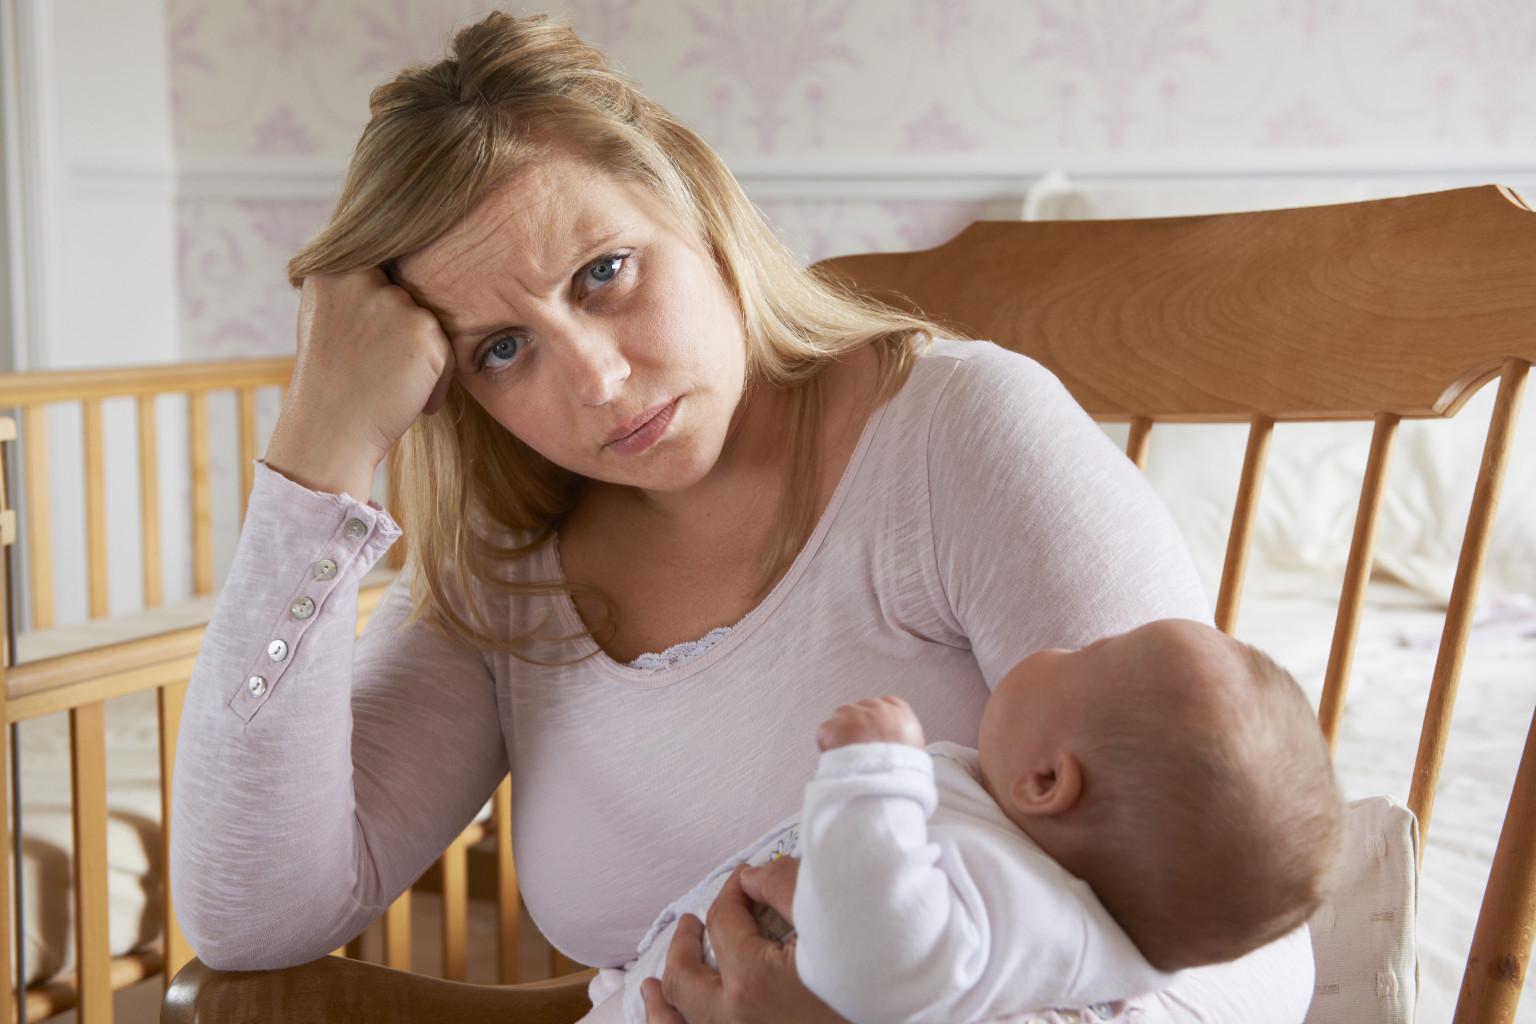 уставшая мама, грустная мама, депрессия у мамы, послеродовая депрессия